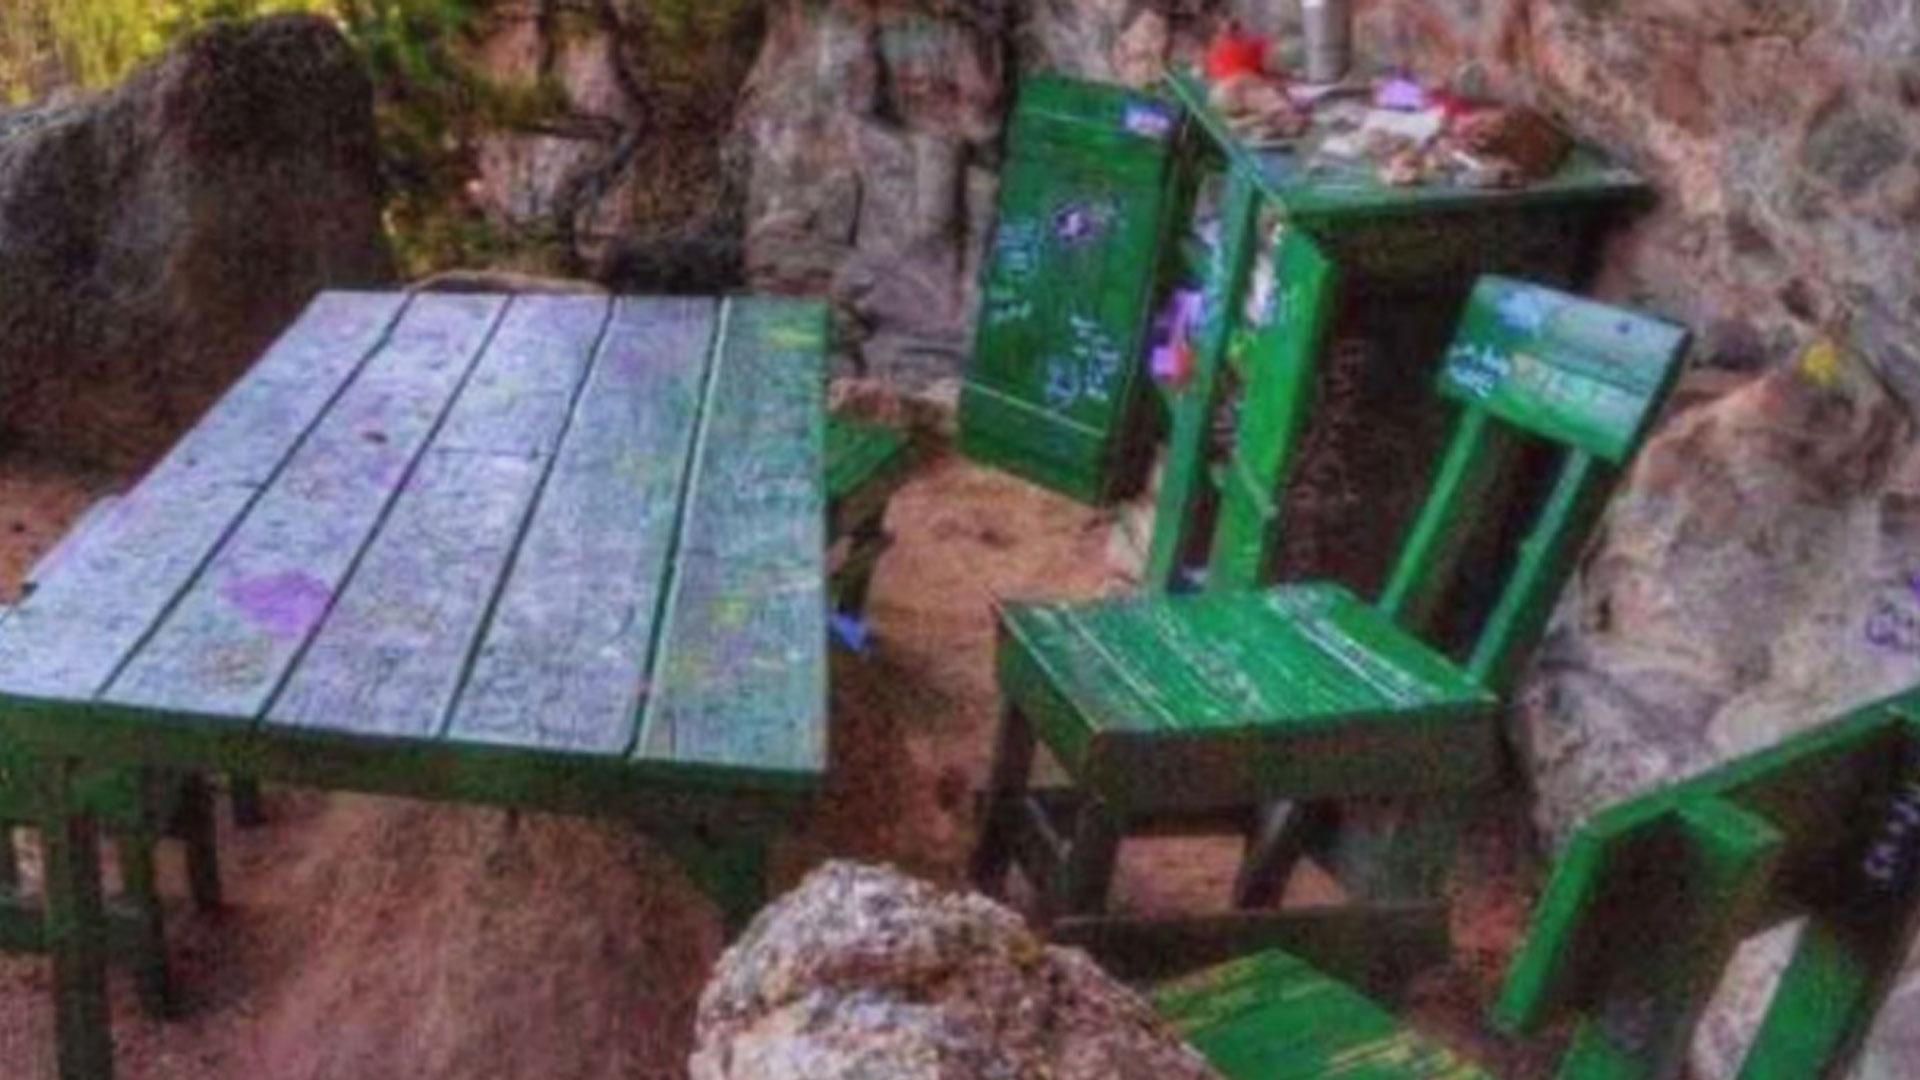 KELO Poet's Table